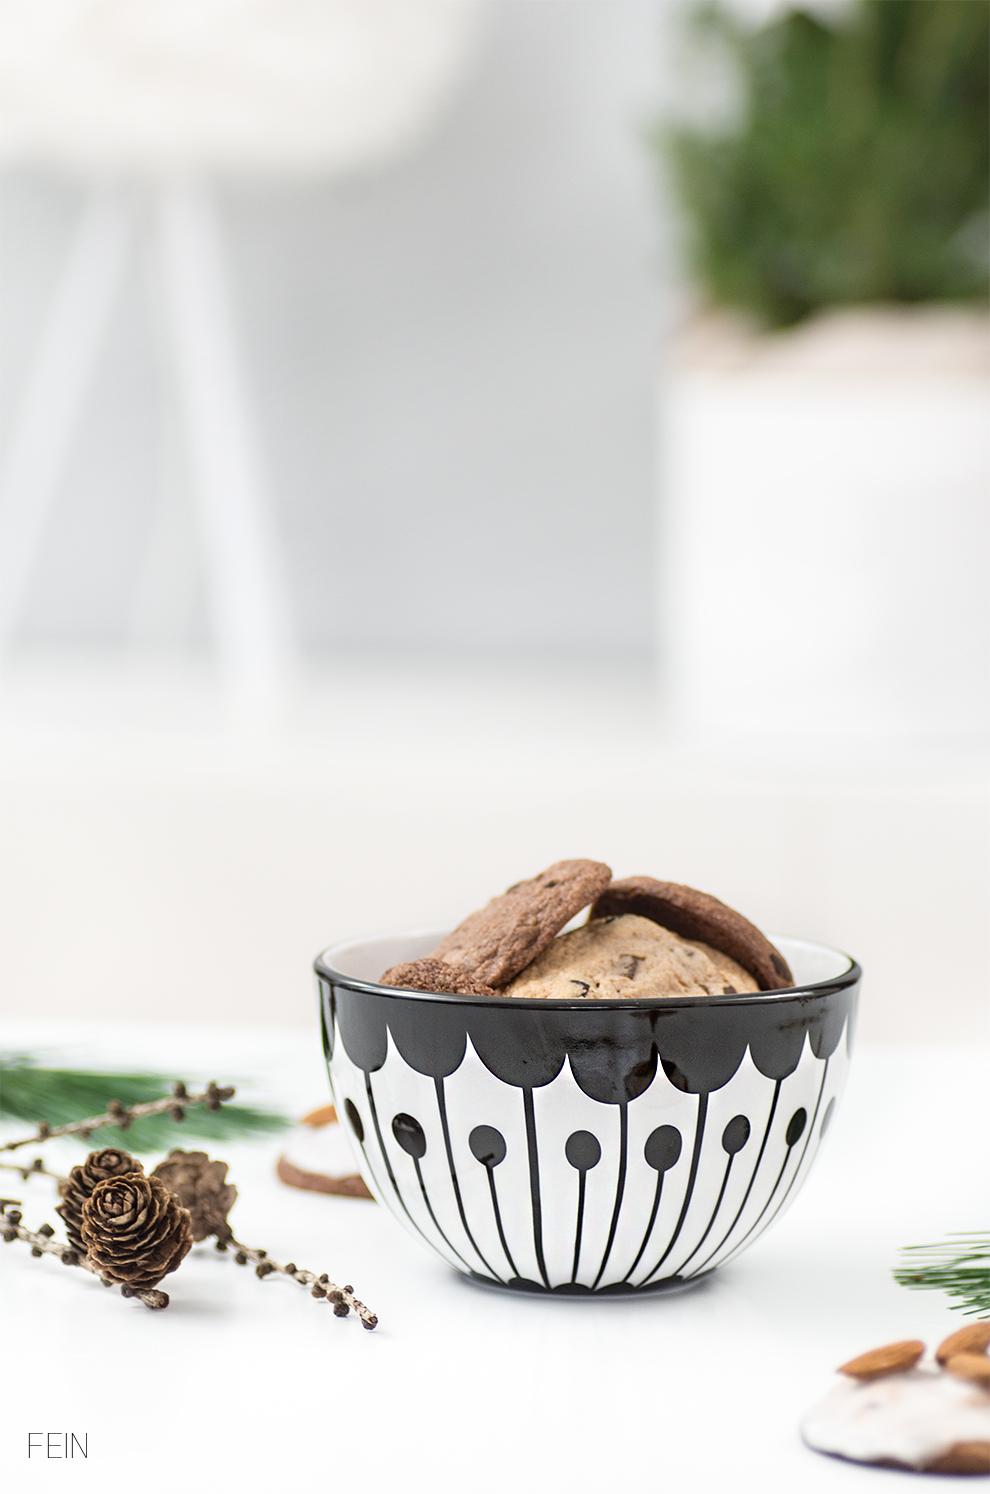 weihnachten schnelle plaetzchen rezepte fein und fabelhaft. Black Bedroom Furniture Sets. Home Design Ideas